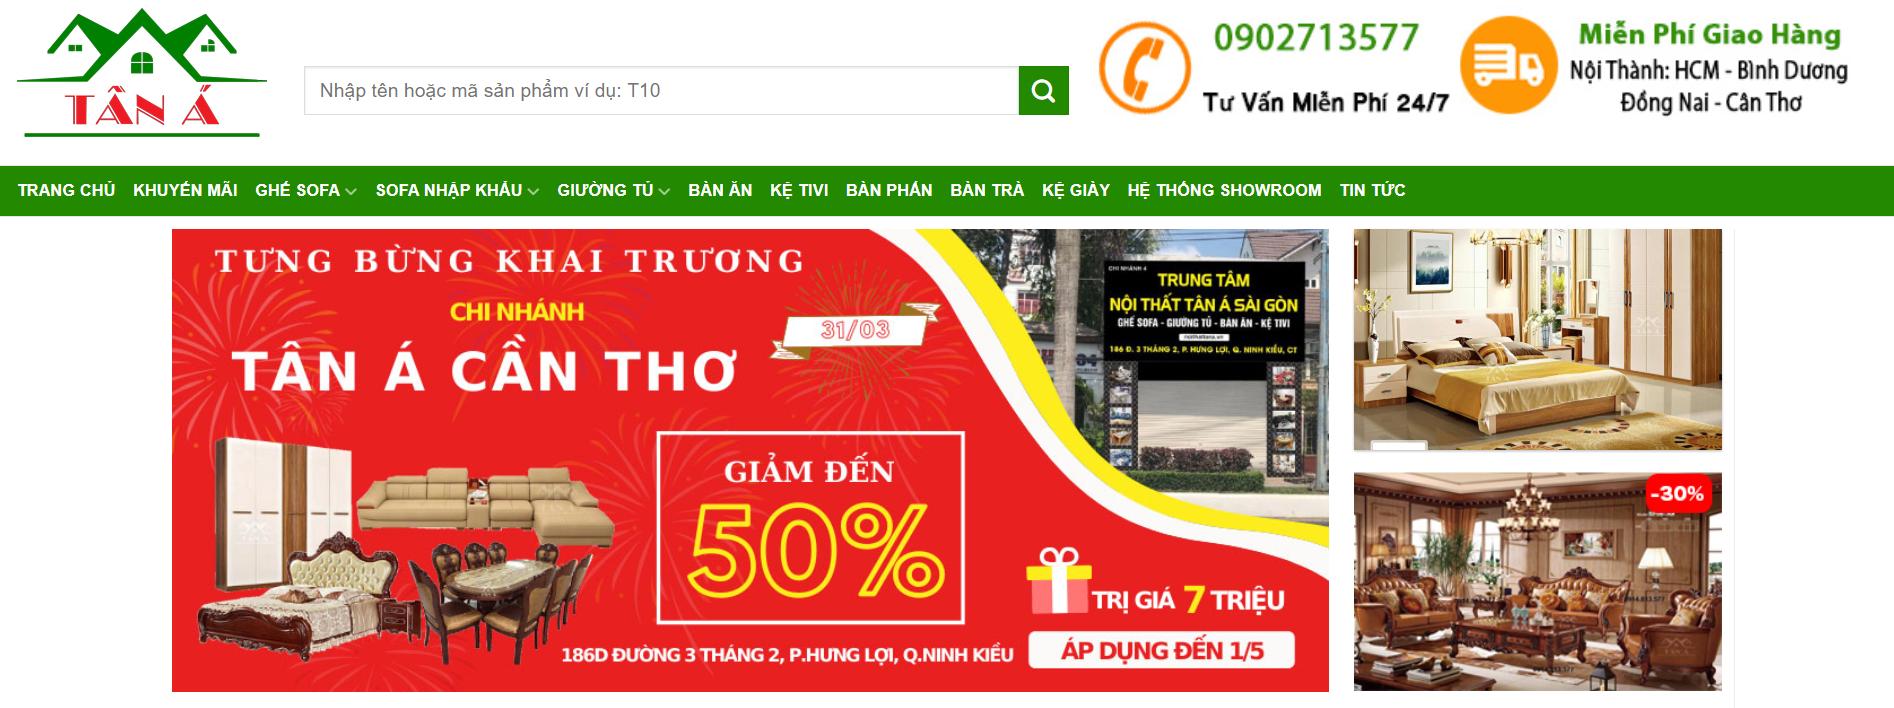 Trang chính đại diện Website của Tân Á